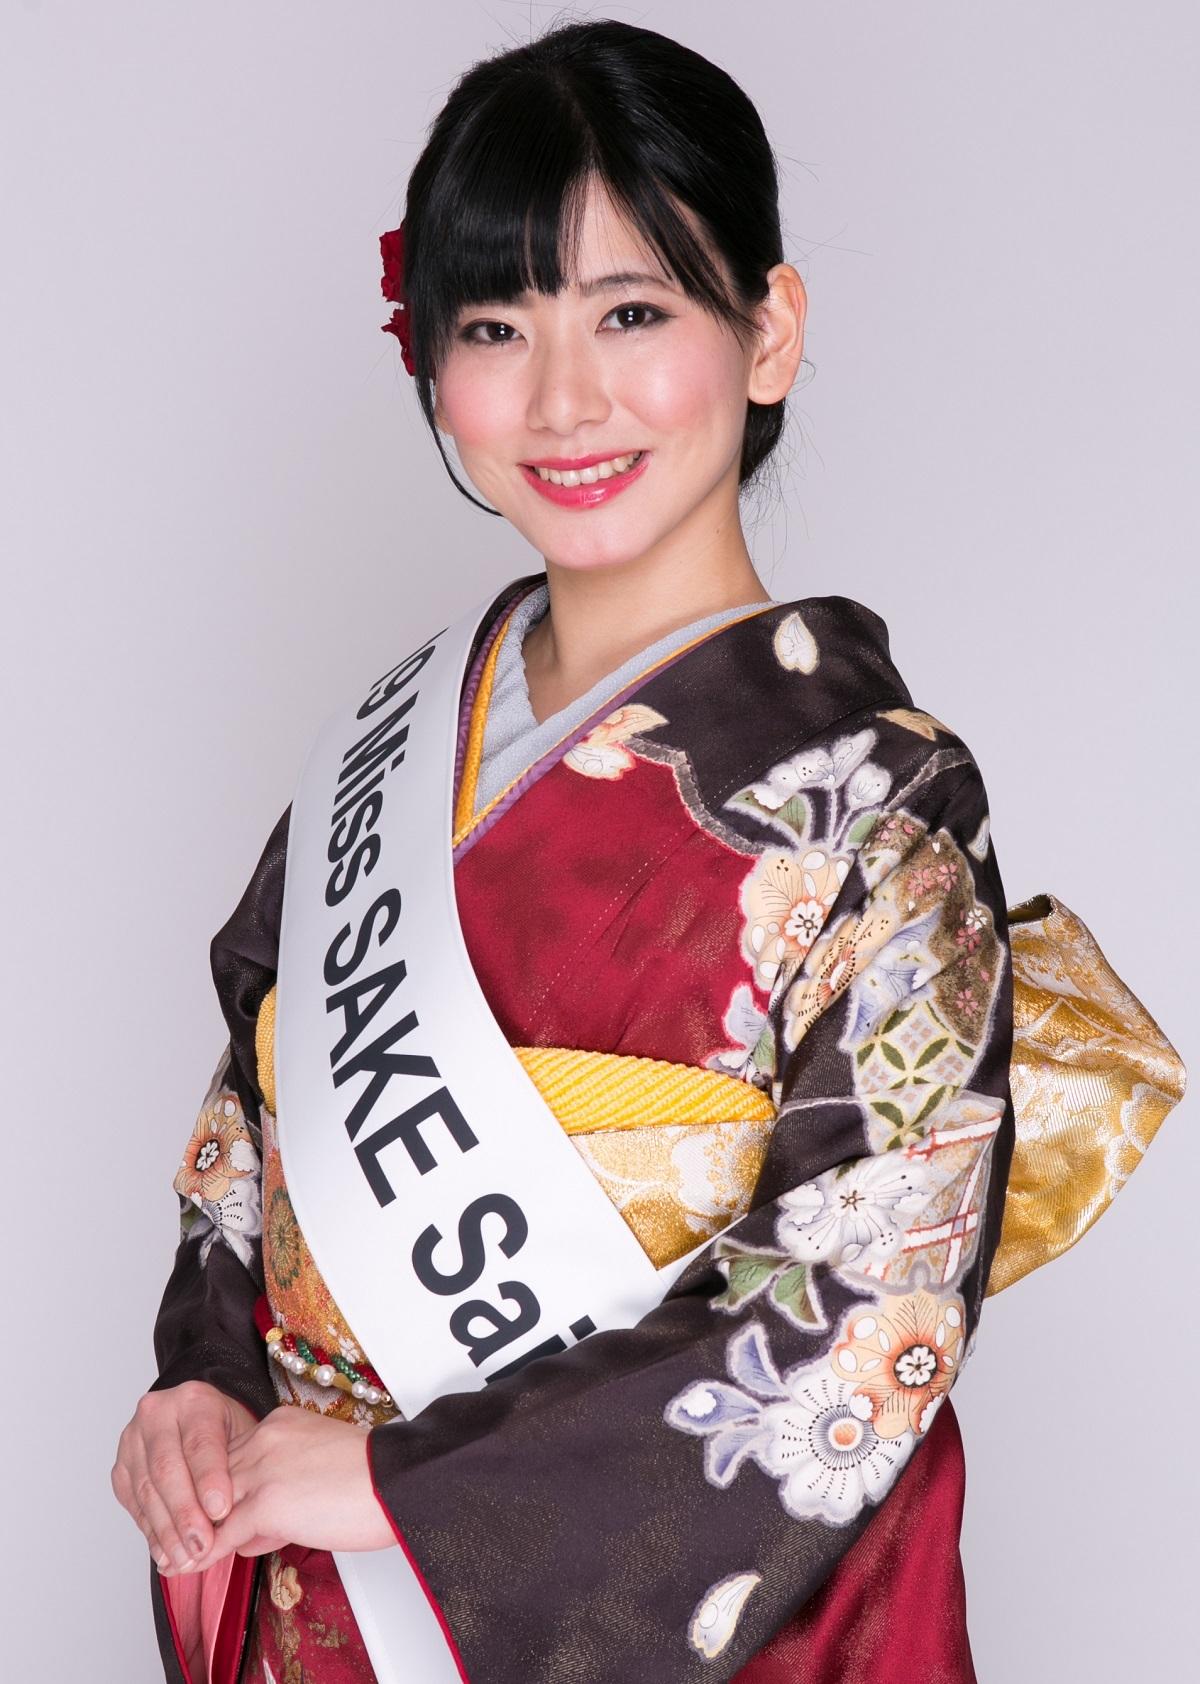 準グランプリの冨田 梨花(とみた りか)さん 2月28日(金)登場予定